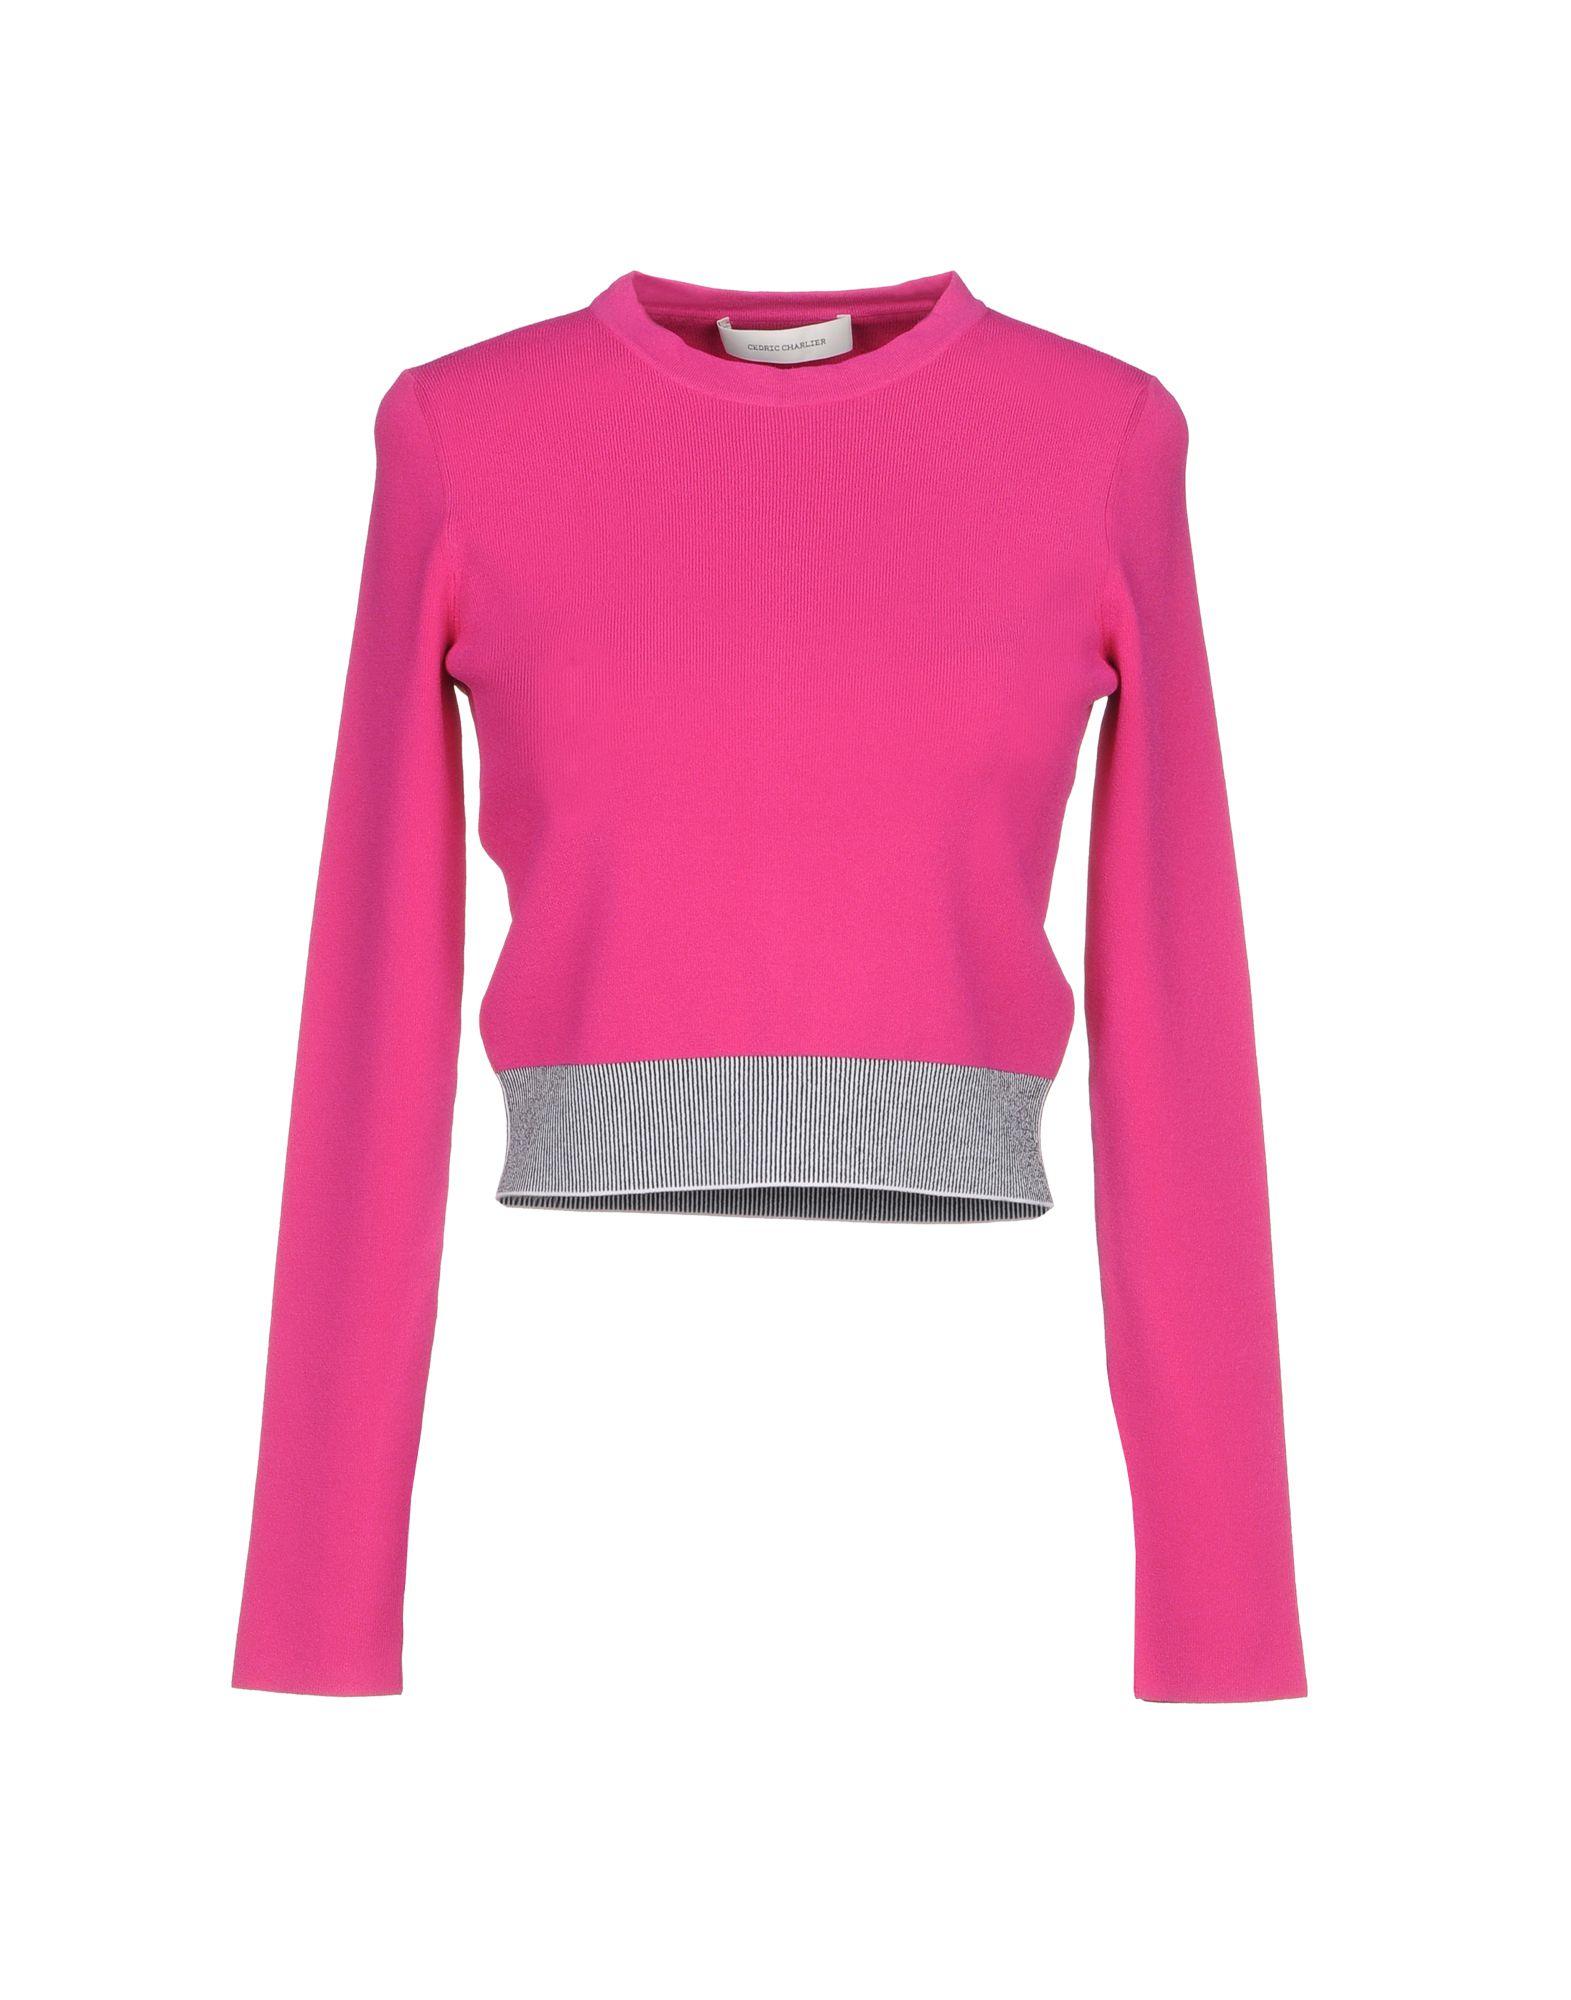 Pullover Cedric Charlier Donna - Acquista online su FaP8is9B8f